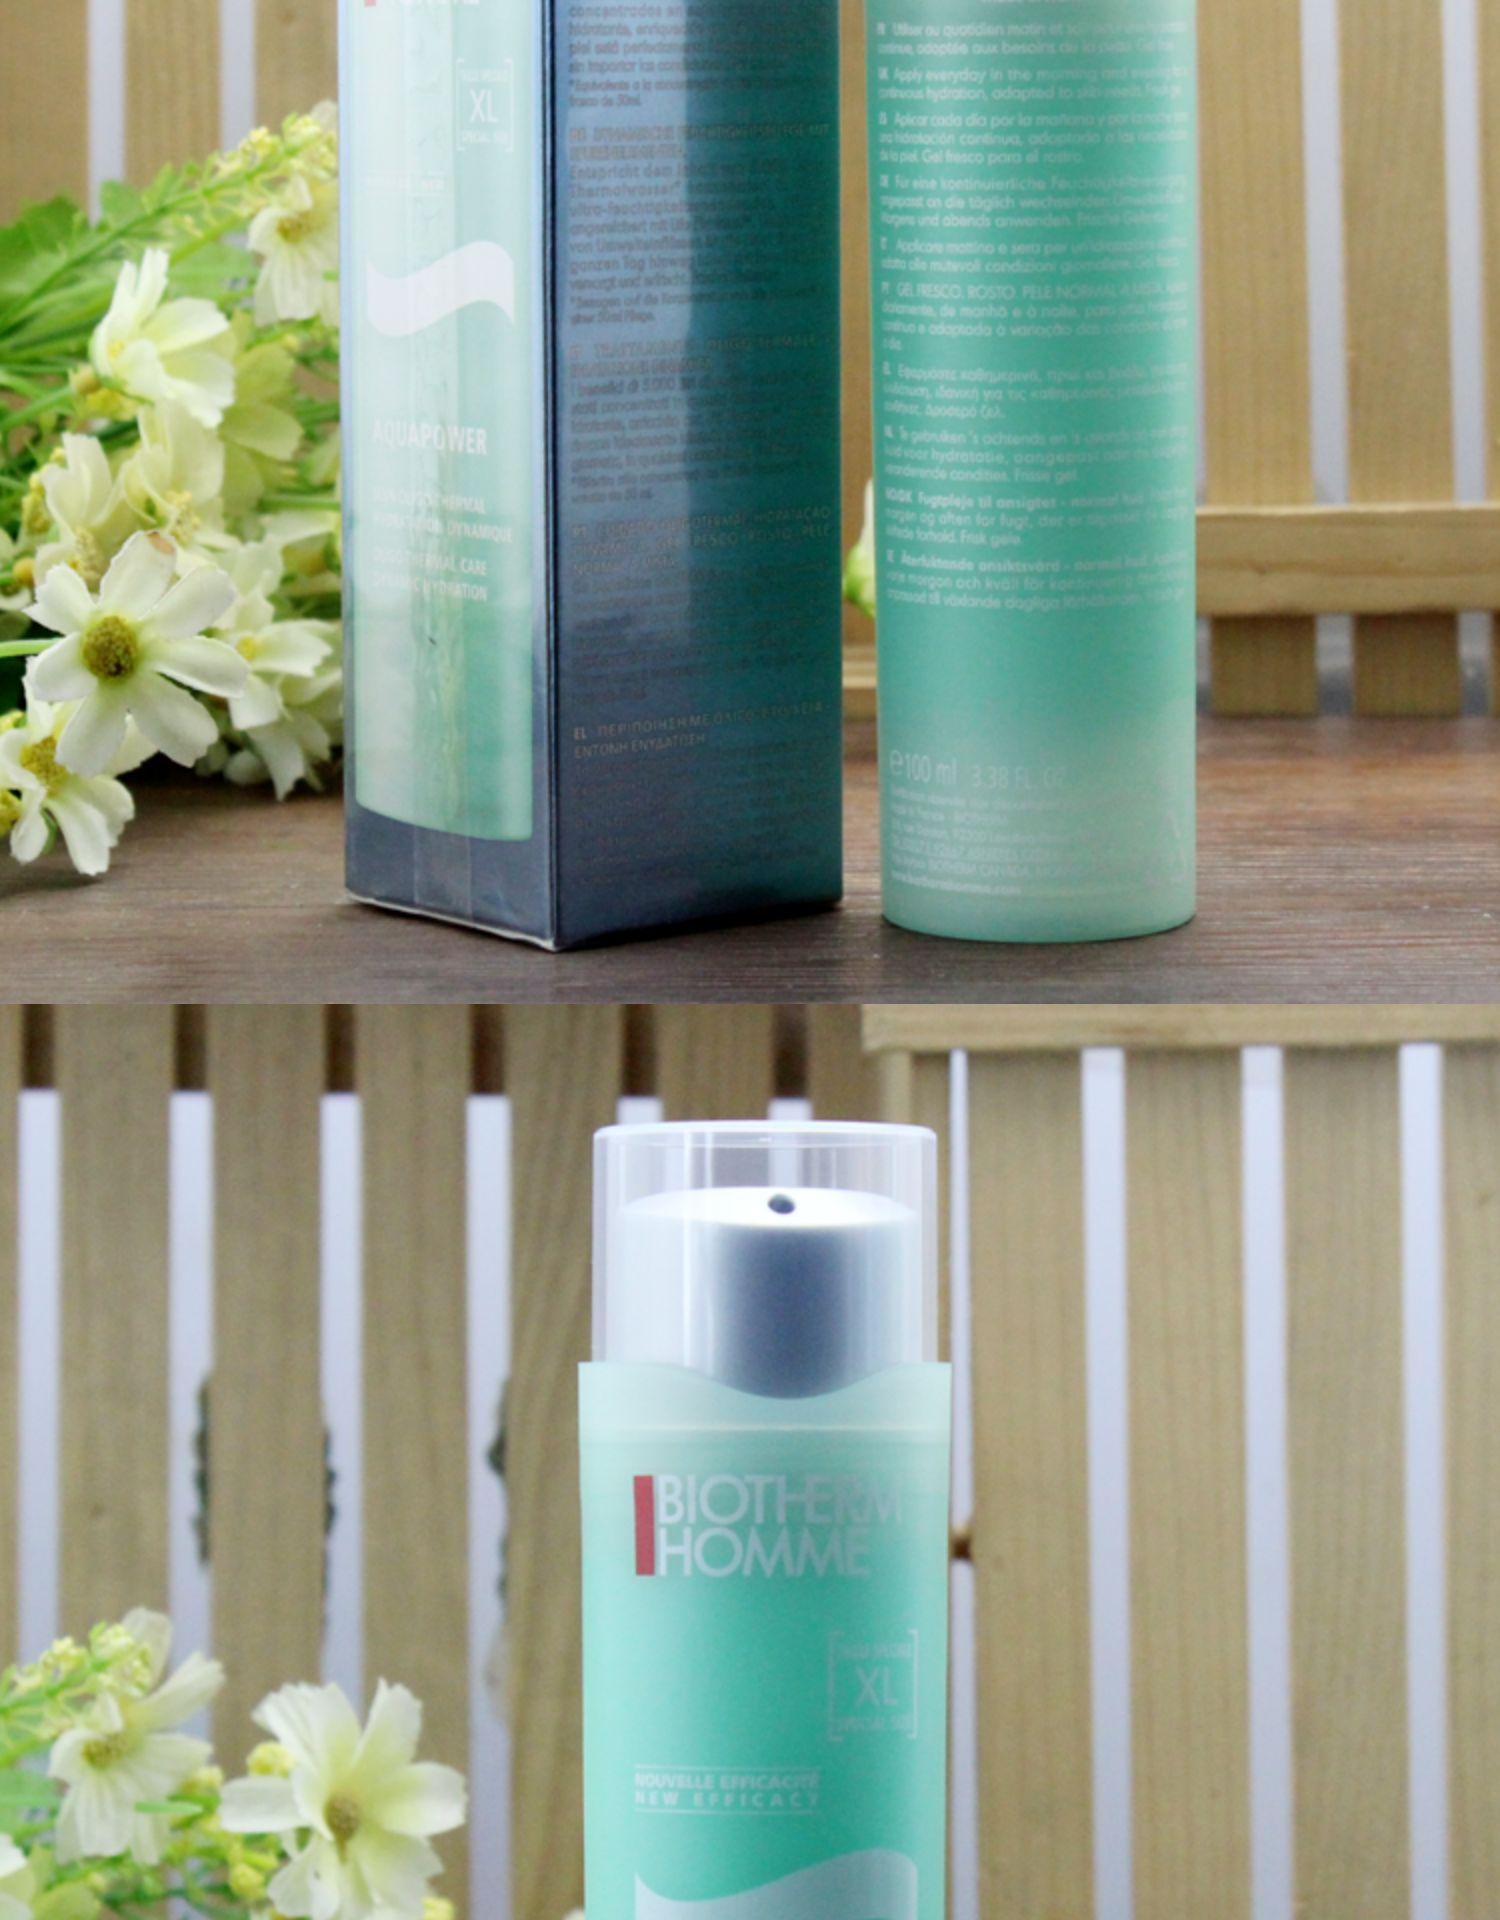 加大版正品碧儿泉男士水动力保湿乳液强效保湿露加量装详细照片